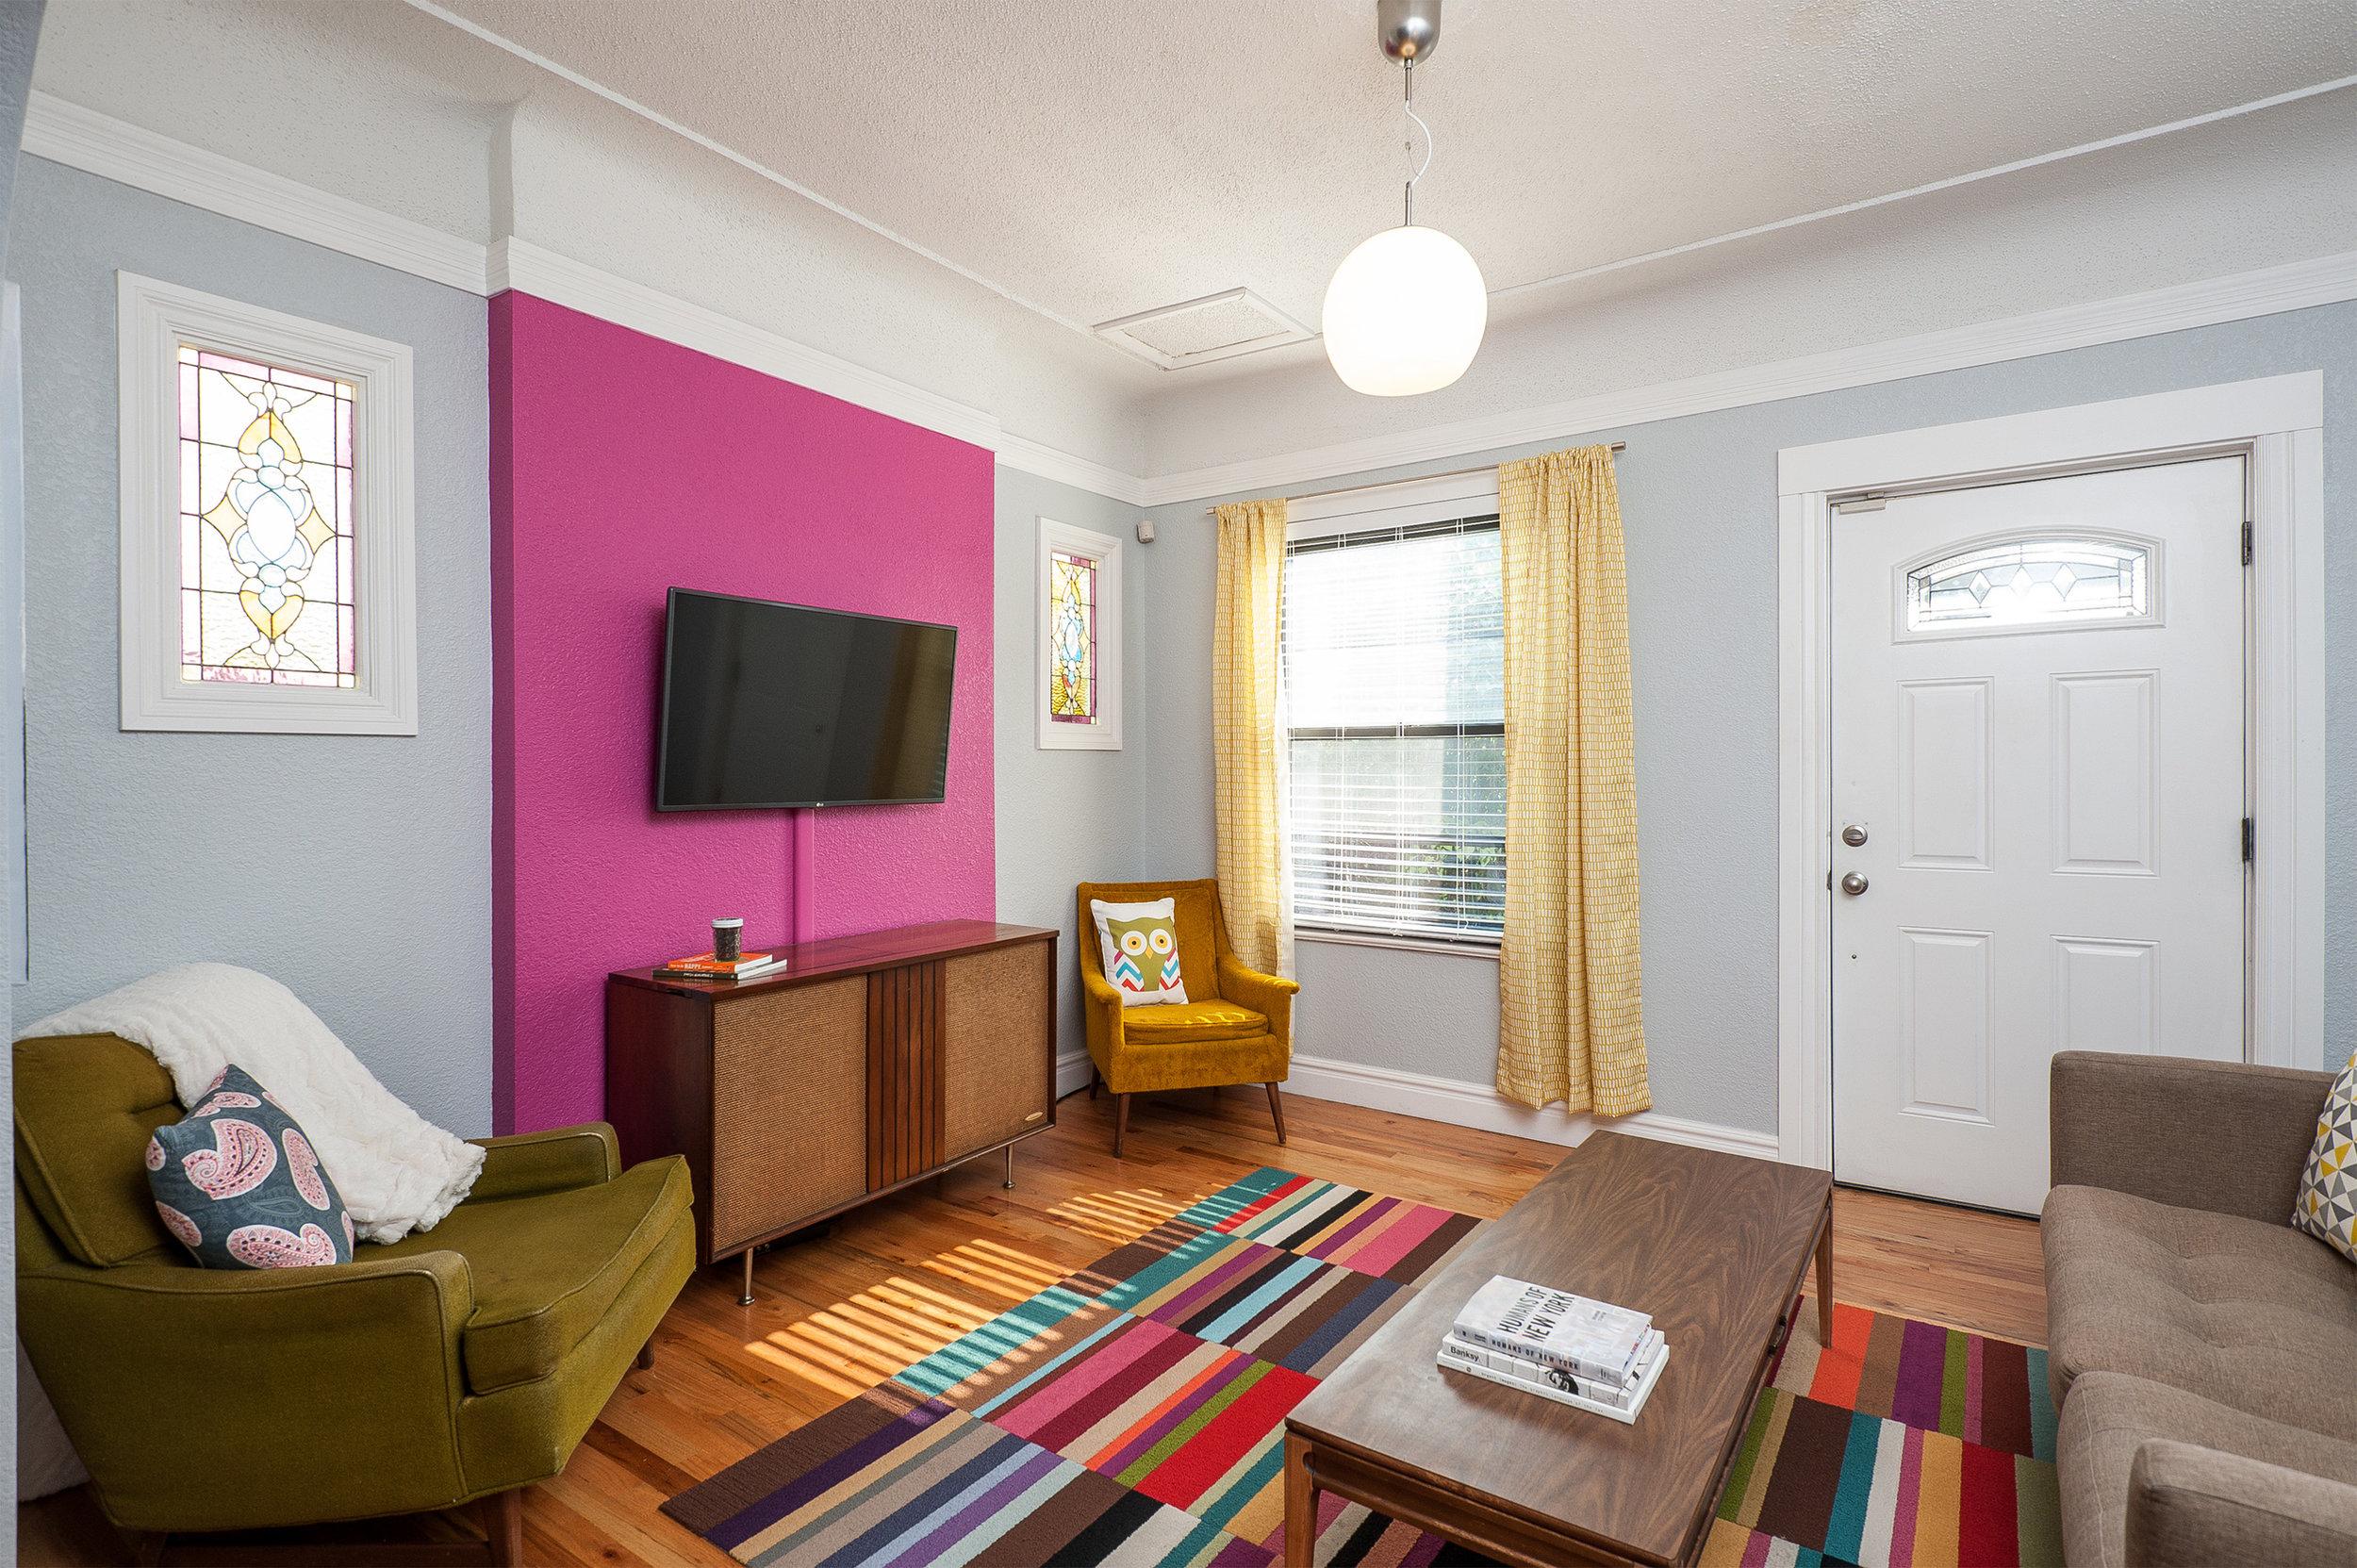 03.Livingroom01 (1).jpg